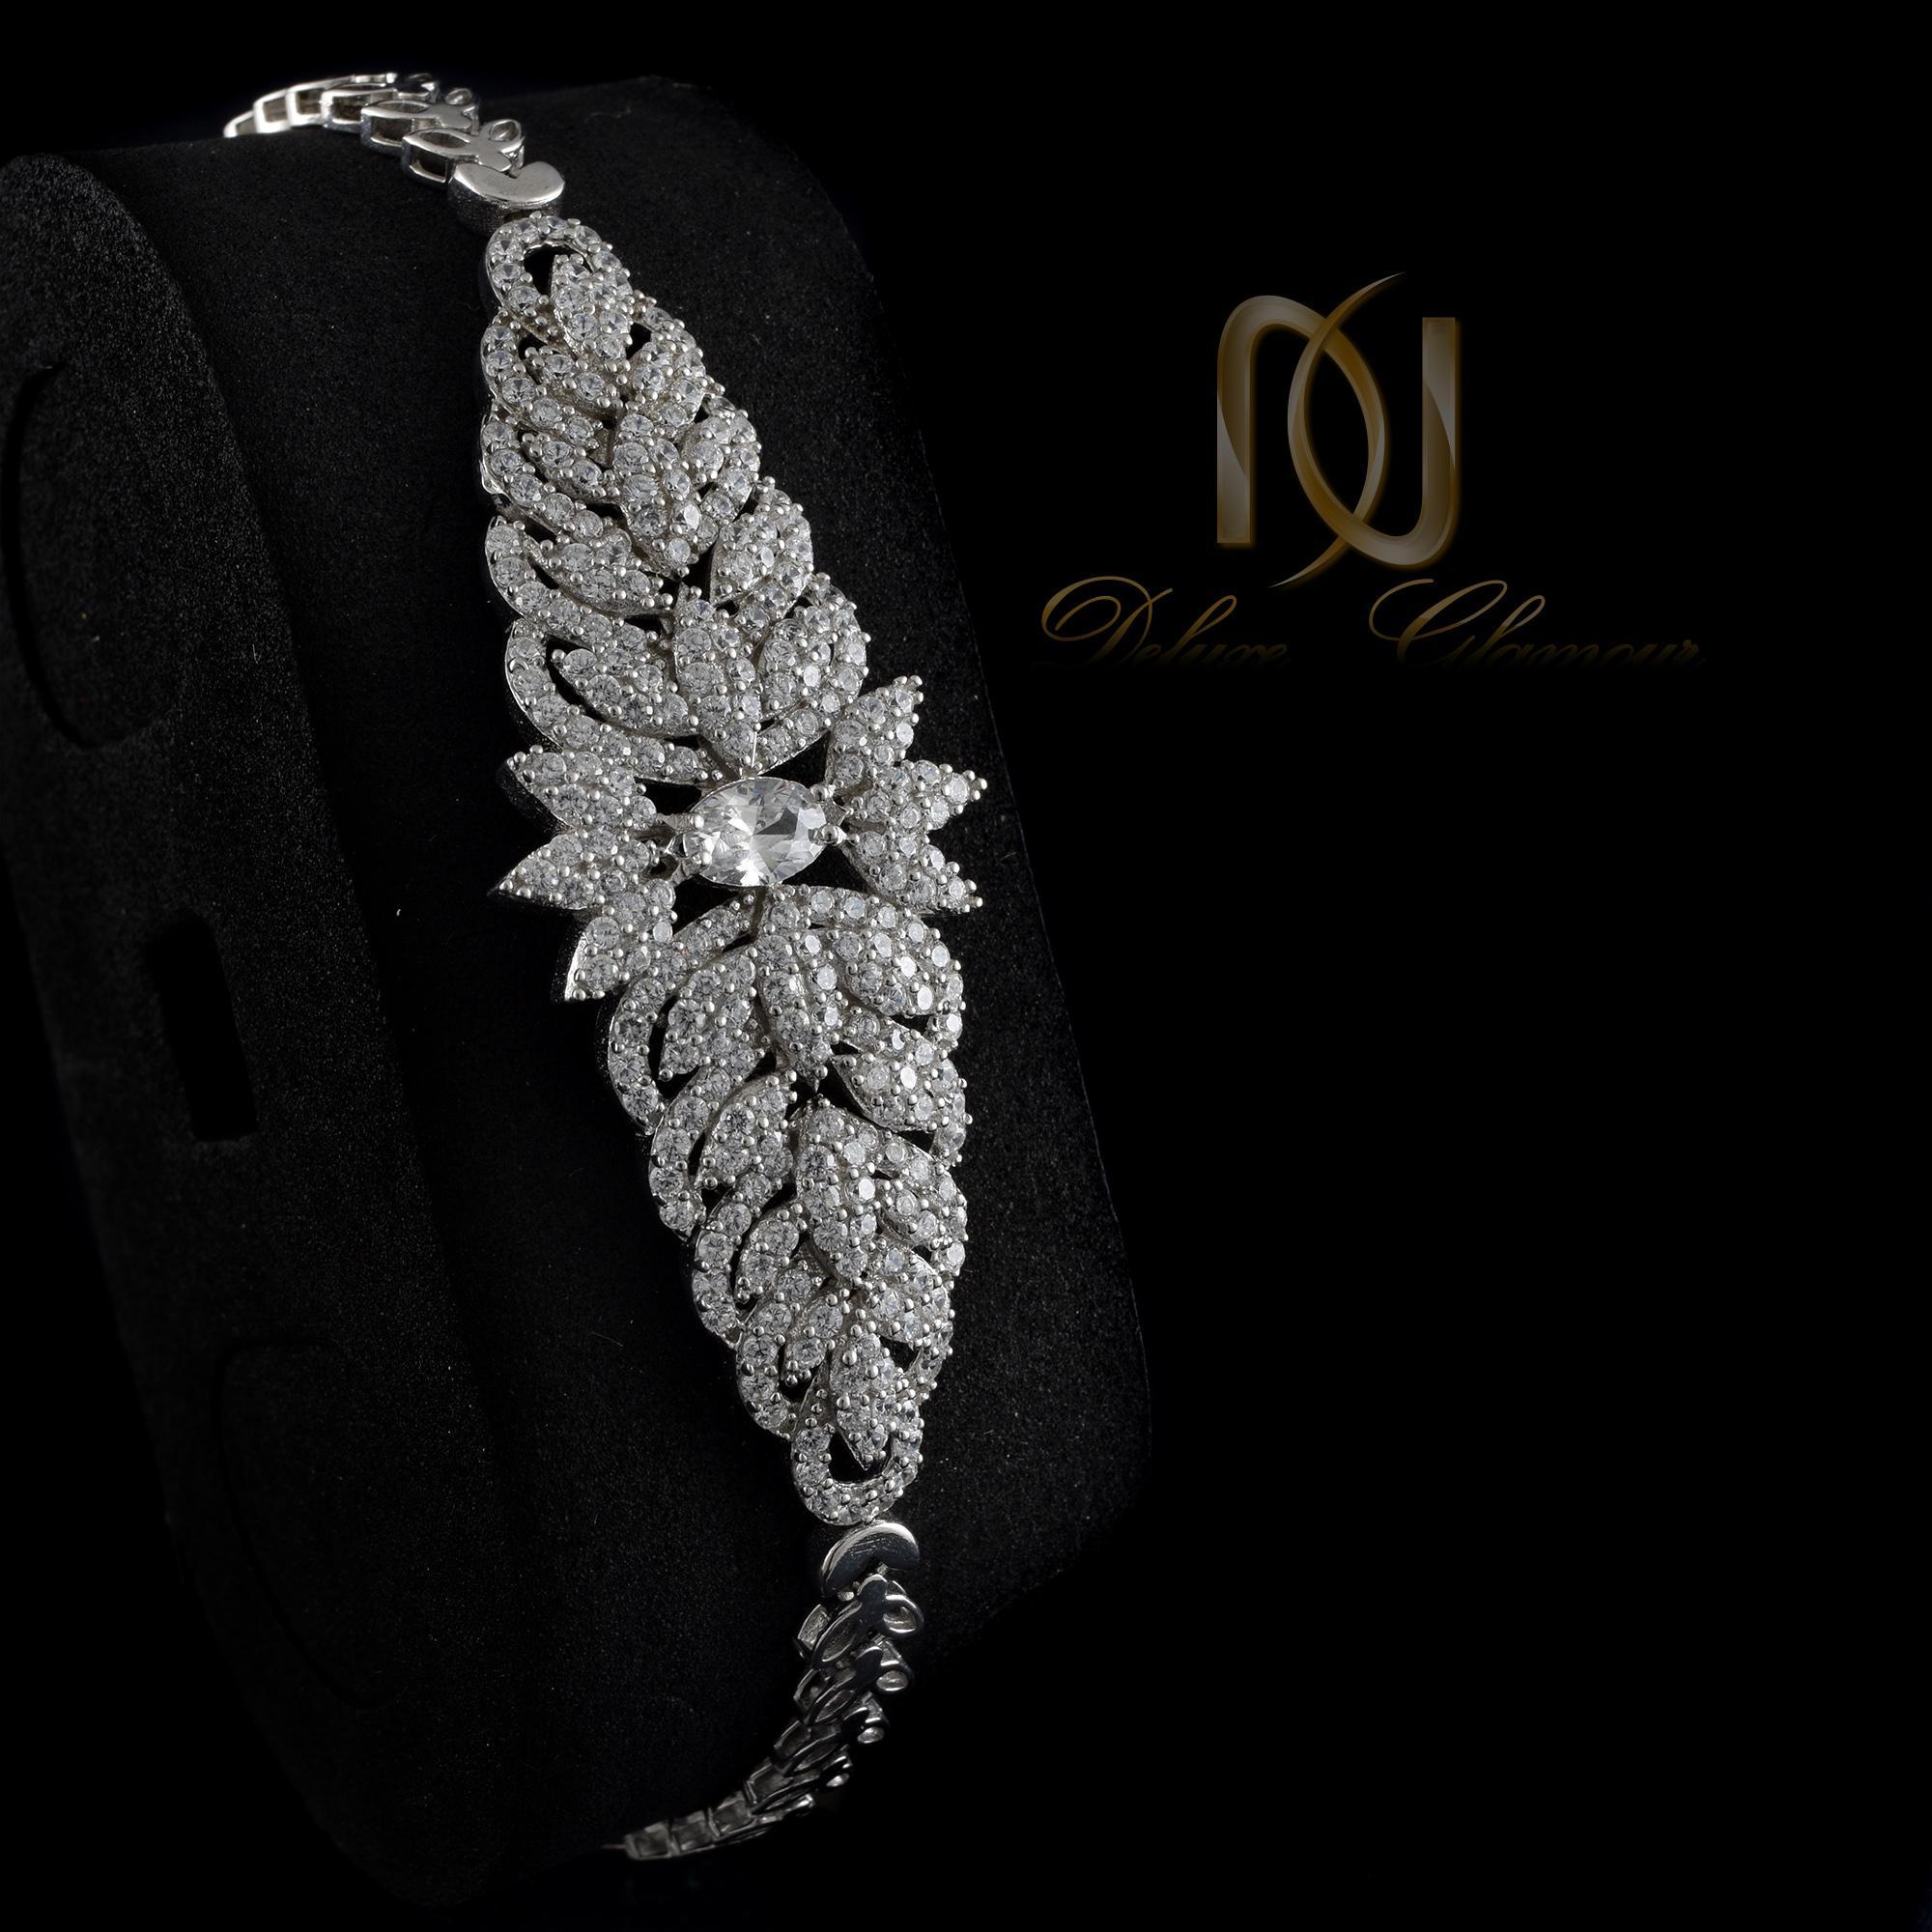 سرویس عروس نقره طرح جواهری ns-n257 از نمای دستبند